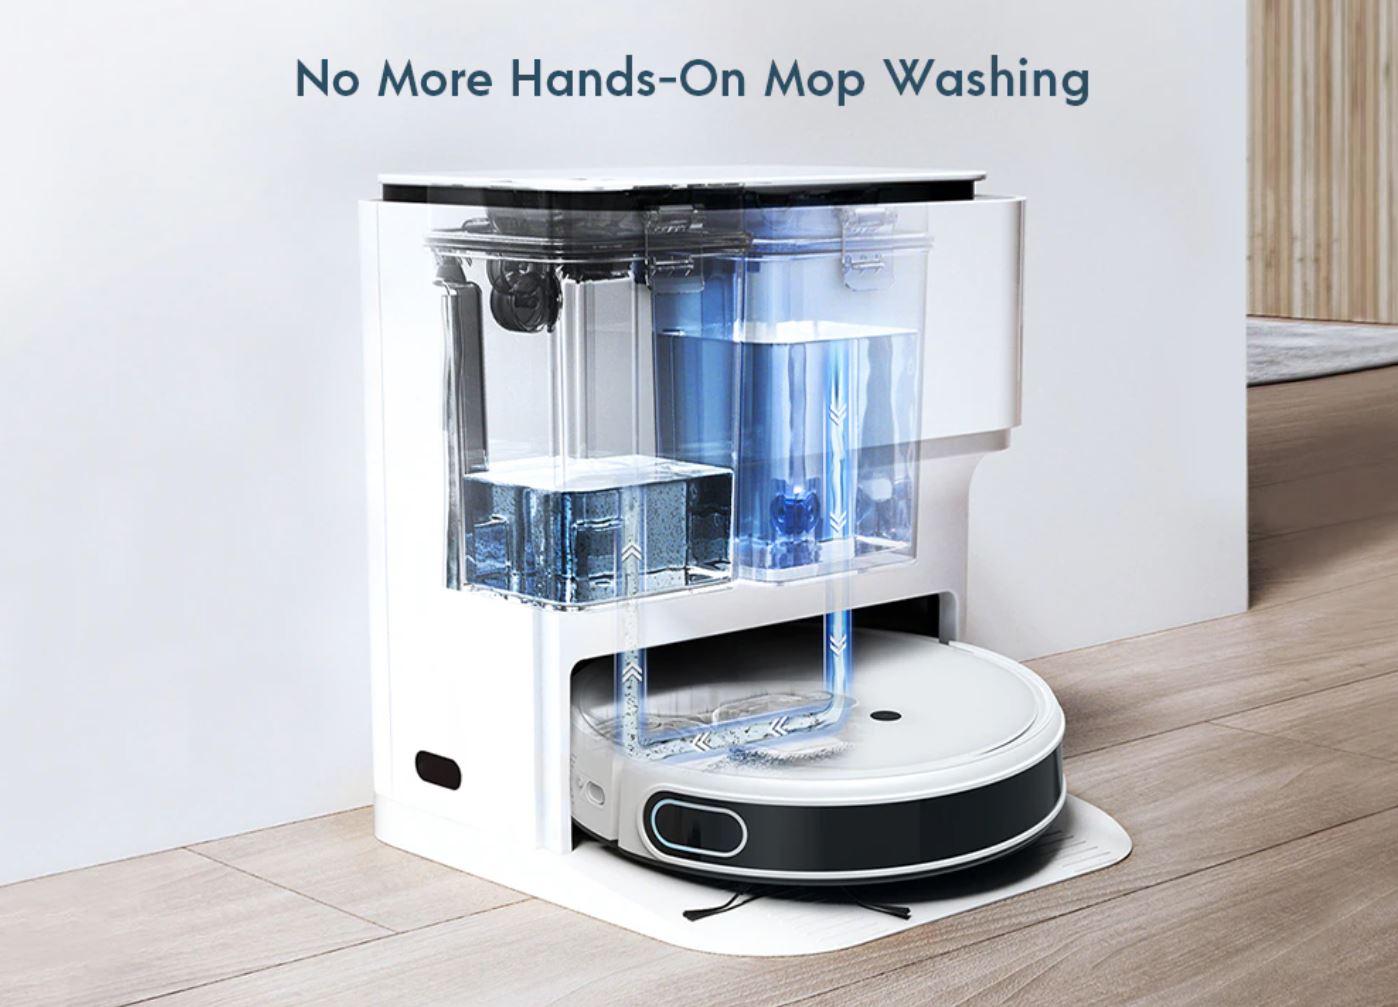 nowe produkty Aliexpress - yeedi mop station - robot sprzątający ze stacją na kurz i zbiornikiem na wodę